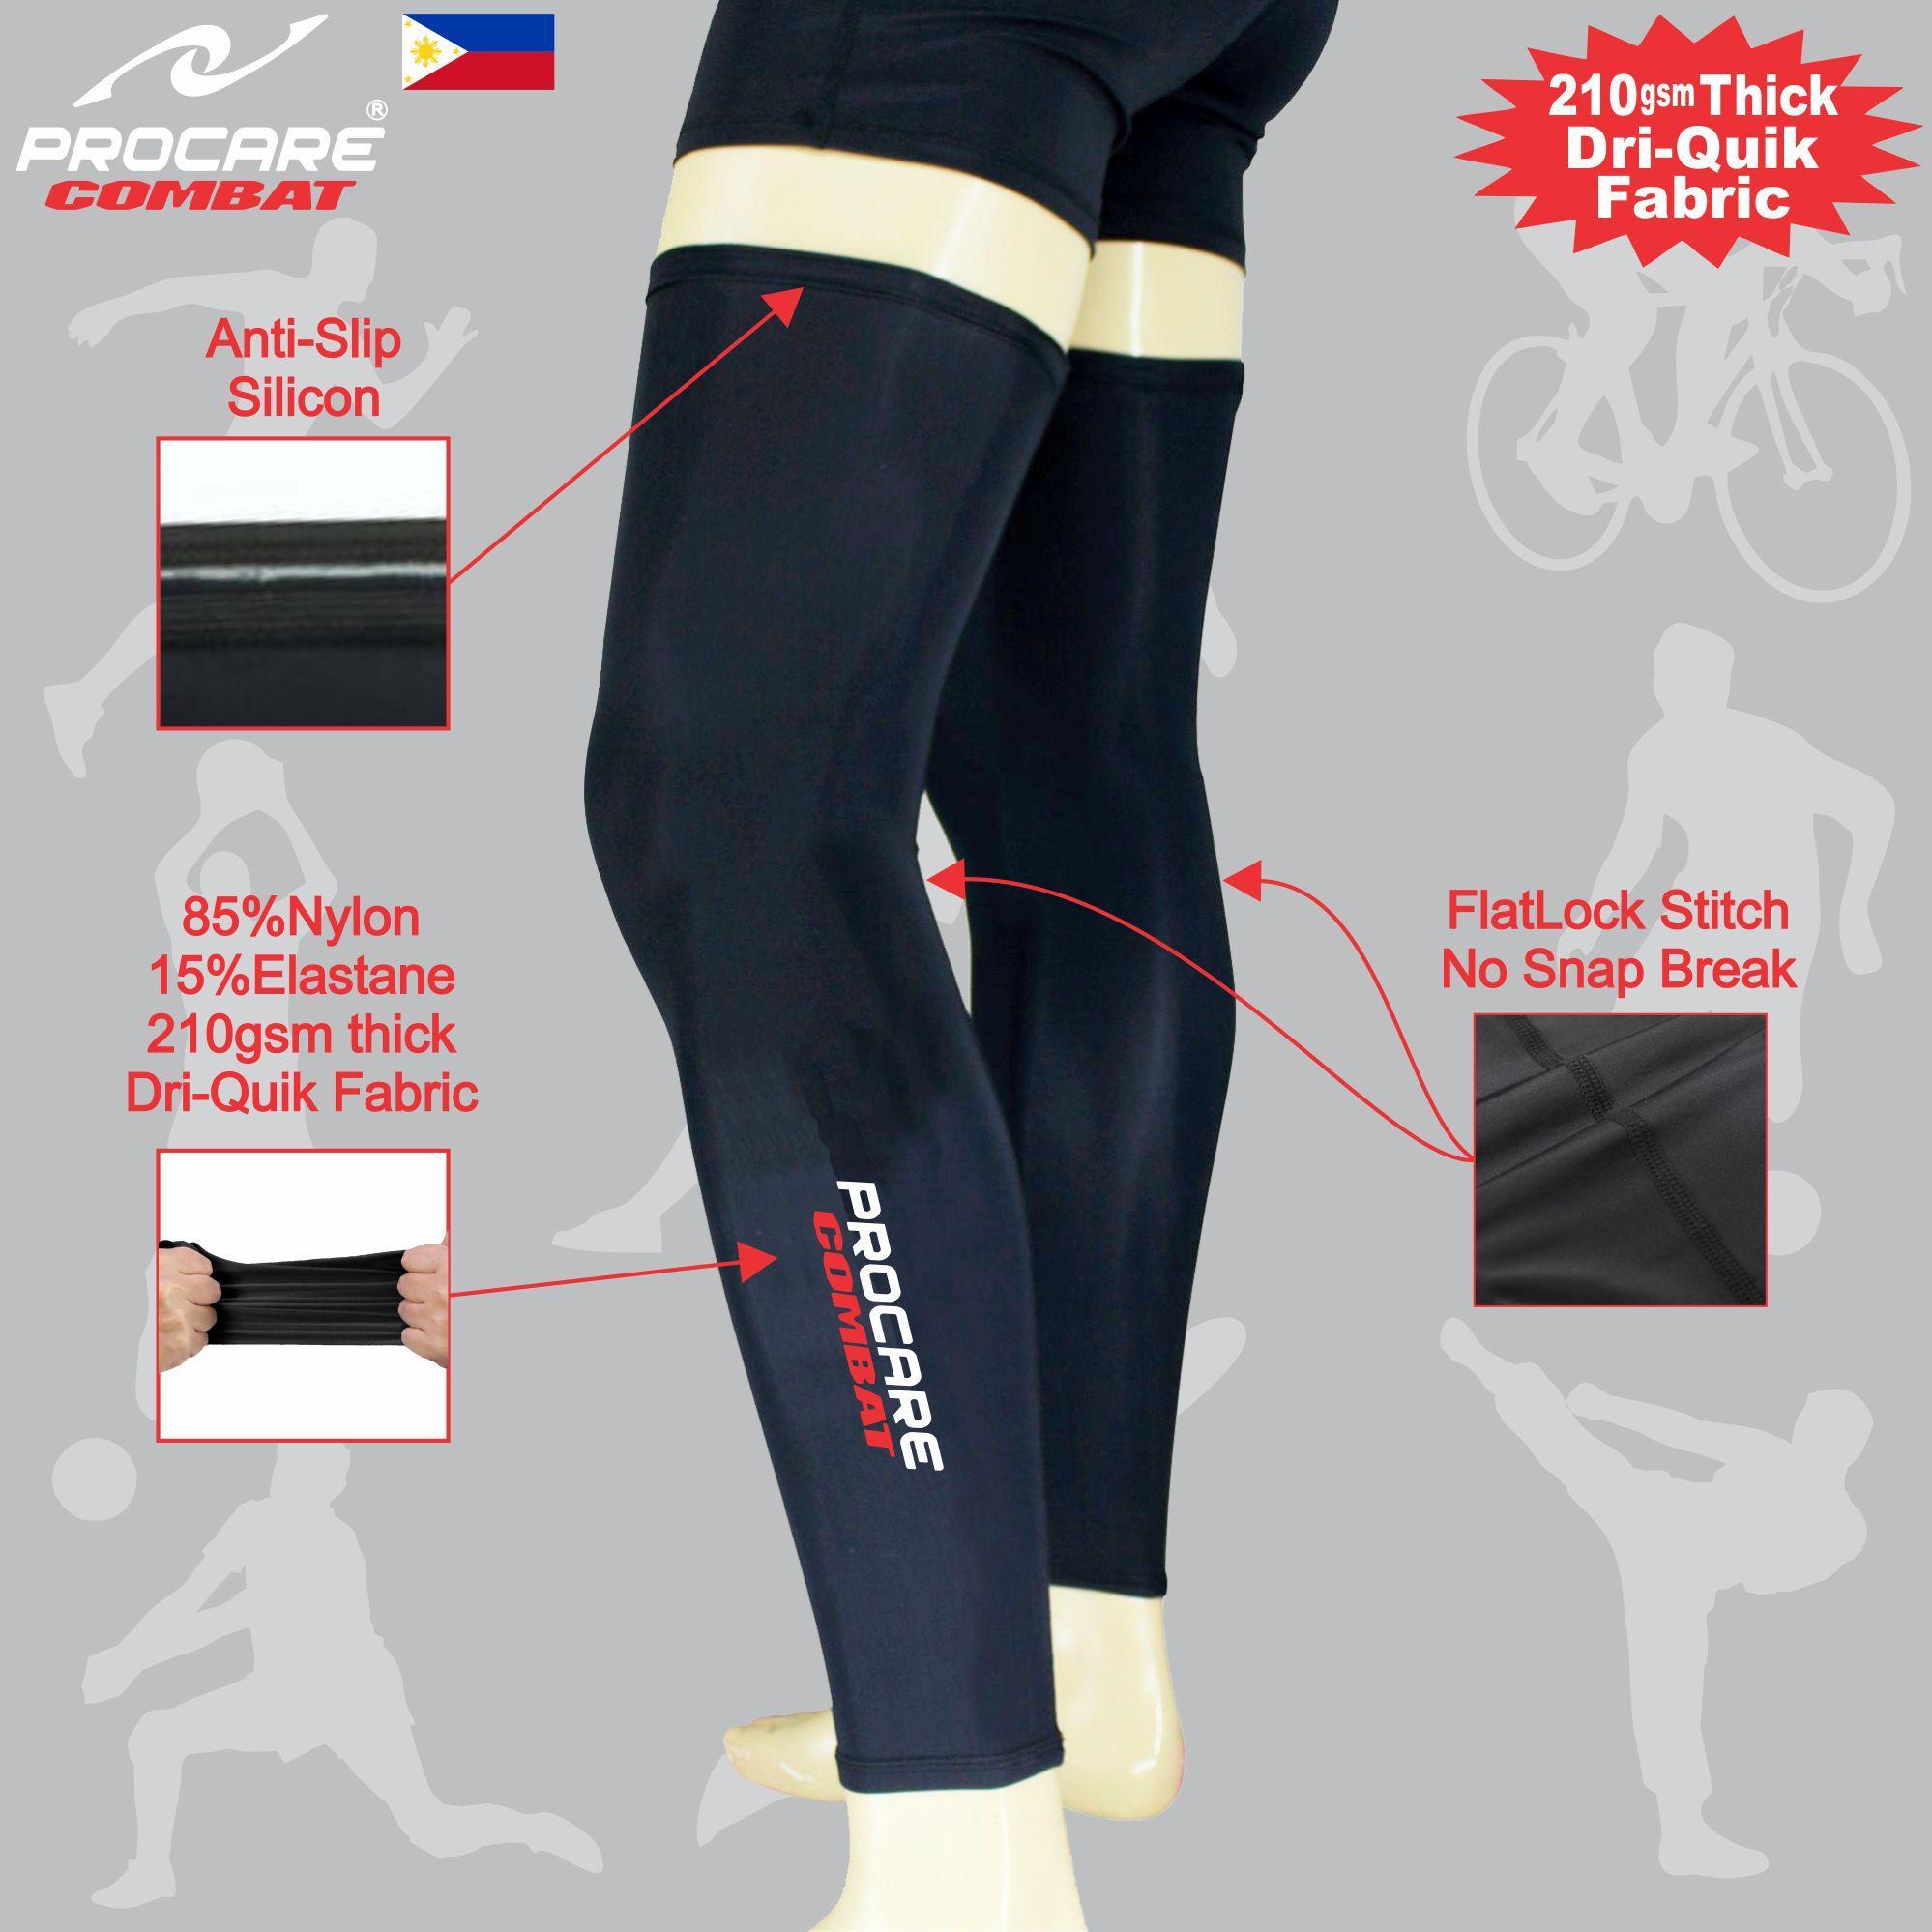 4c781928c5 PROCARE COMBAT #5206 Compression Full Leg Sleeves Dri-Quik Fabric Unisex  (Black)